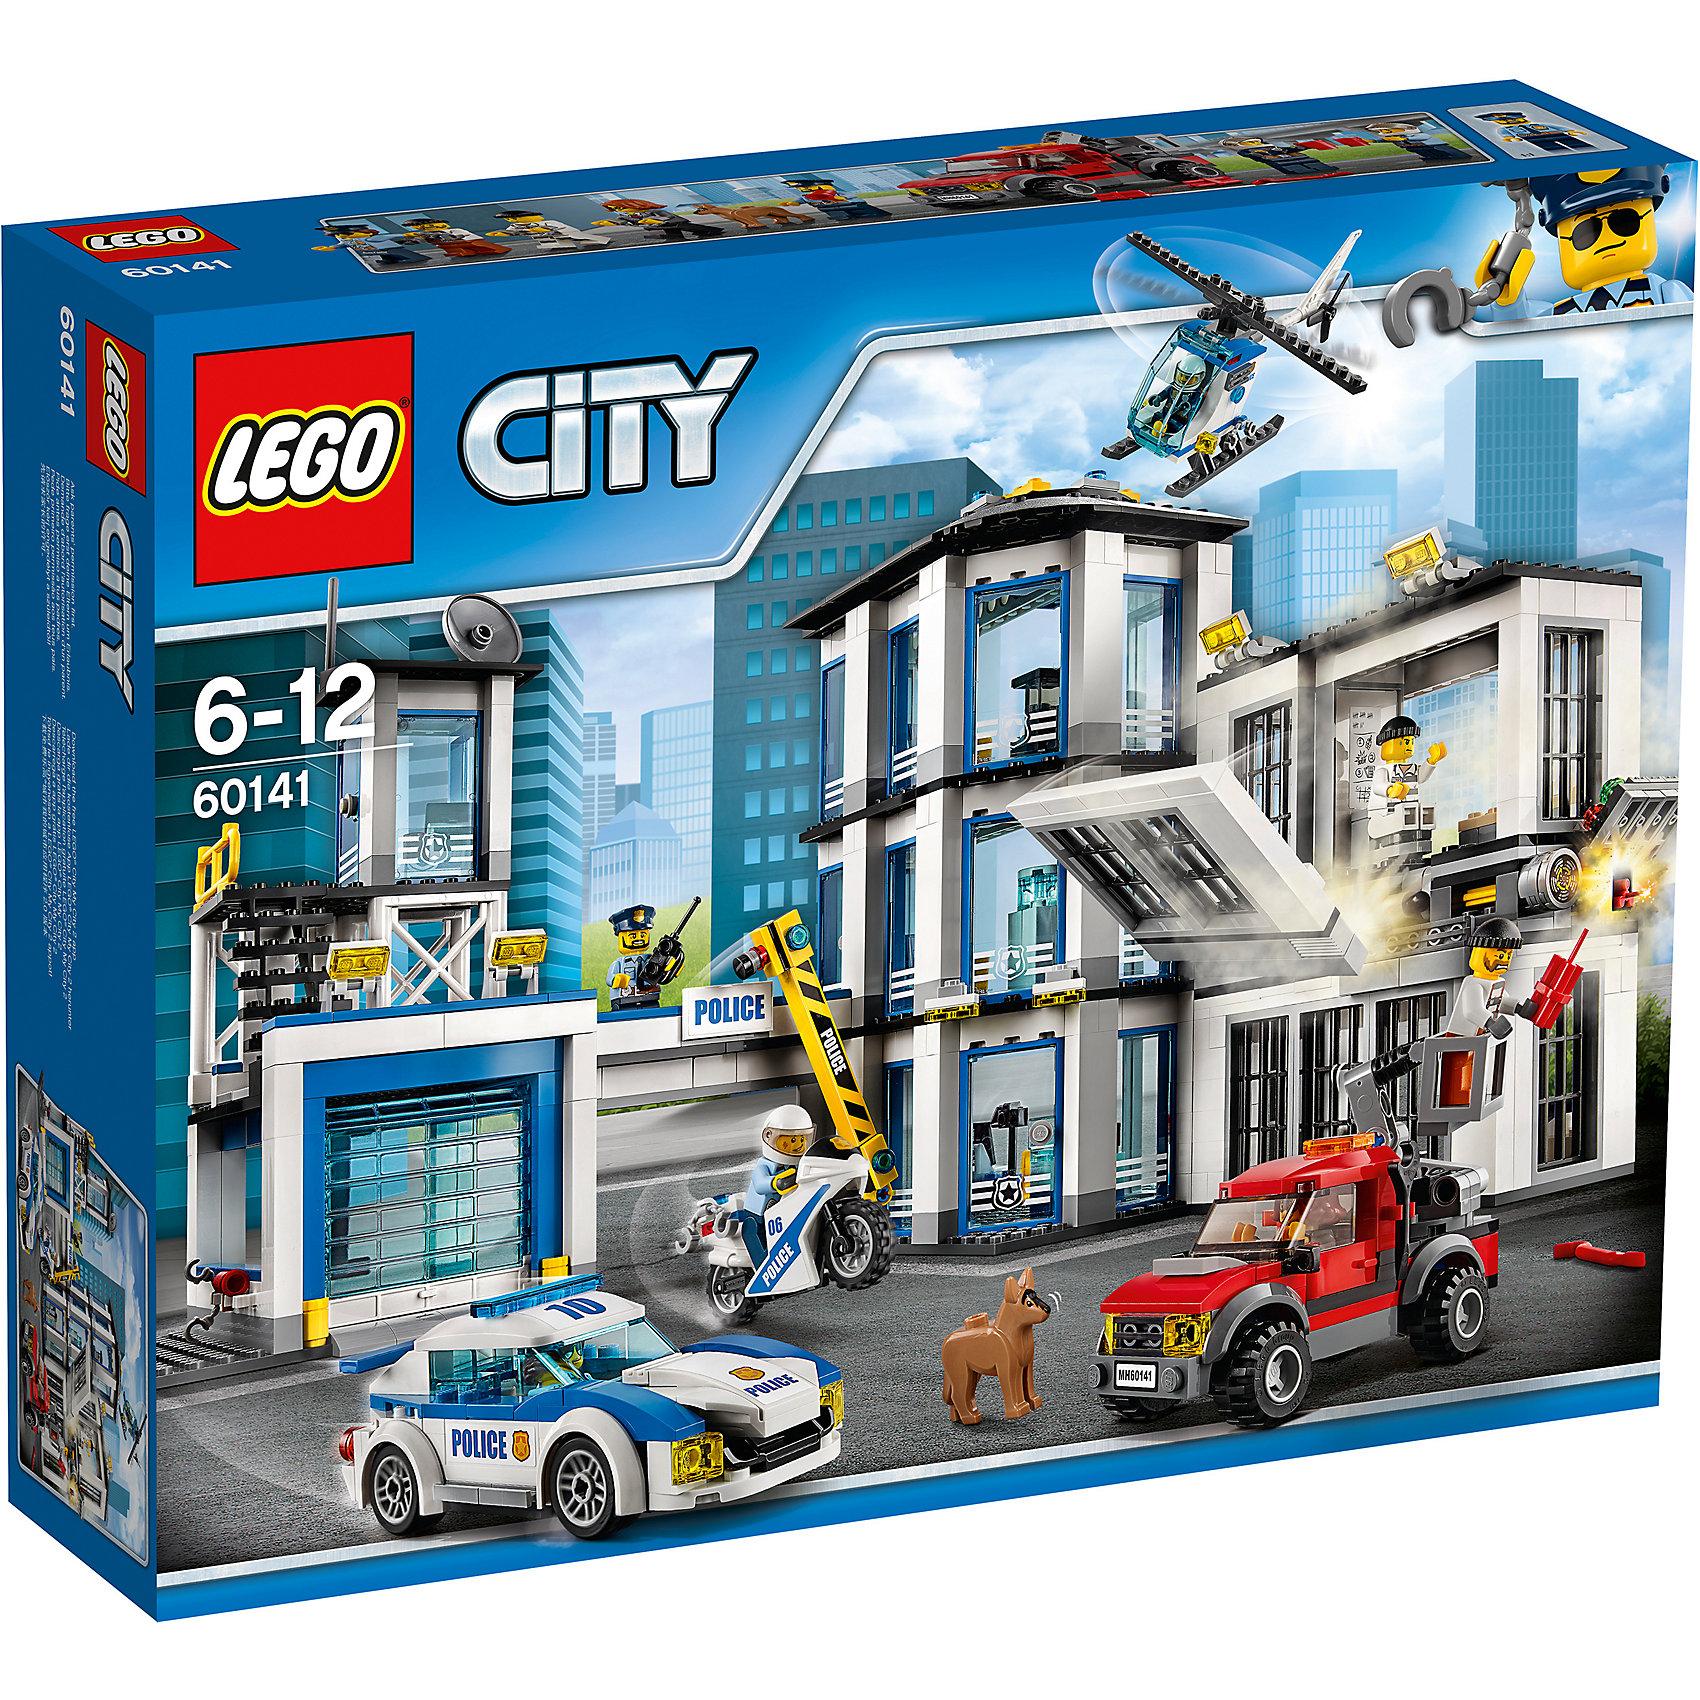 LEGO City 60141: Полицейский участокПластмассовые конструкторы<br>LEGO City 60141: Полицейский участок<br><br>Характеристики:<br><br>- в набор входит: банк, полицейский вертолет, полицейская машина, бульдозер, 5 фигурки людей, фигурка собаки, аксессуары, инструкция<br>- состав: пластик<br>- количество деталей: 894<br>- размер коробки: 48 * 11 * 38 см.<br>- размер полицейского участка: 36 * 24 * 36 см.<br>- вес: 2 200 гр.<br>- для детей в возрасте: от 6 до 12 лет<br>- Страна производитель: Дания/Китай/Чехия<br><br>Легендарный конструктор LEGO (ЛЕГО) представляет серию «City» (Сити) в виде деталей жизни большого города, в котором есть абсолютно все. Серия делает игры еще более настоящими, благодаря отличным аксессуарам. Стражи закона Лего Сити всегда готовы прийти на помощь жителям города. Их новый полицейский участок выполняет все для охраны порядка в городе. Трехэтажный офис со всем необходимым оборудованием справляется с вызовами и расследованием даже самых сложных дел. Специальный отдел К-9 в своих рядах имеет четвероногого офицера с исключительными навыками поиска и захвата преступников. Большая двухэтажная тюрьма обеспечена кроватями и готова принять заключенных. Гараж для полицейской машины и скоростного мотоцикла обеспечивает безопасность полицейского транспорта. Въезд на территорию полицейского участка осуществляется через ворота и шлагбаум. Смотровая площадка обеспечивает контроль въезда и надежность тюремного отсека. Участок оснащен вертолетной площадкой и патрульным вертолетом. Преступления любой категории по плечу этому отделению полиции. В набор входит красный подъемник грабителей, которые хотят проникнуть в тюрьму и организовать побег. Четыре полицейских с разными дизайнами будут охранять Лего Сити, а три опасных преступника бросят вызов стражам порядка. Помоги полицейским добиться справедливости. Моделируй разные истории и ситуации в Лего Сити! Этот большой набор отлично подойдет как новичкам Лего, так и преданным фанатам и коллекционерам серии.<br><br